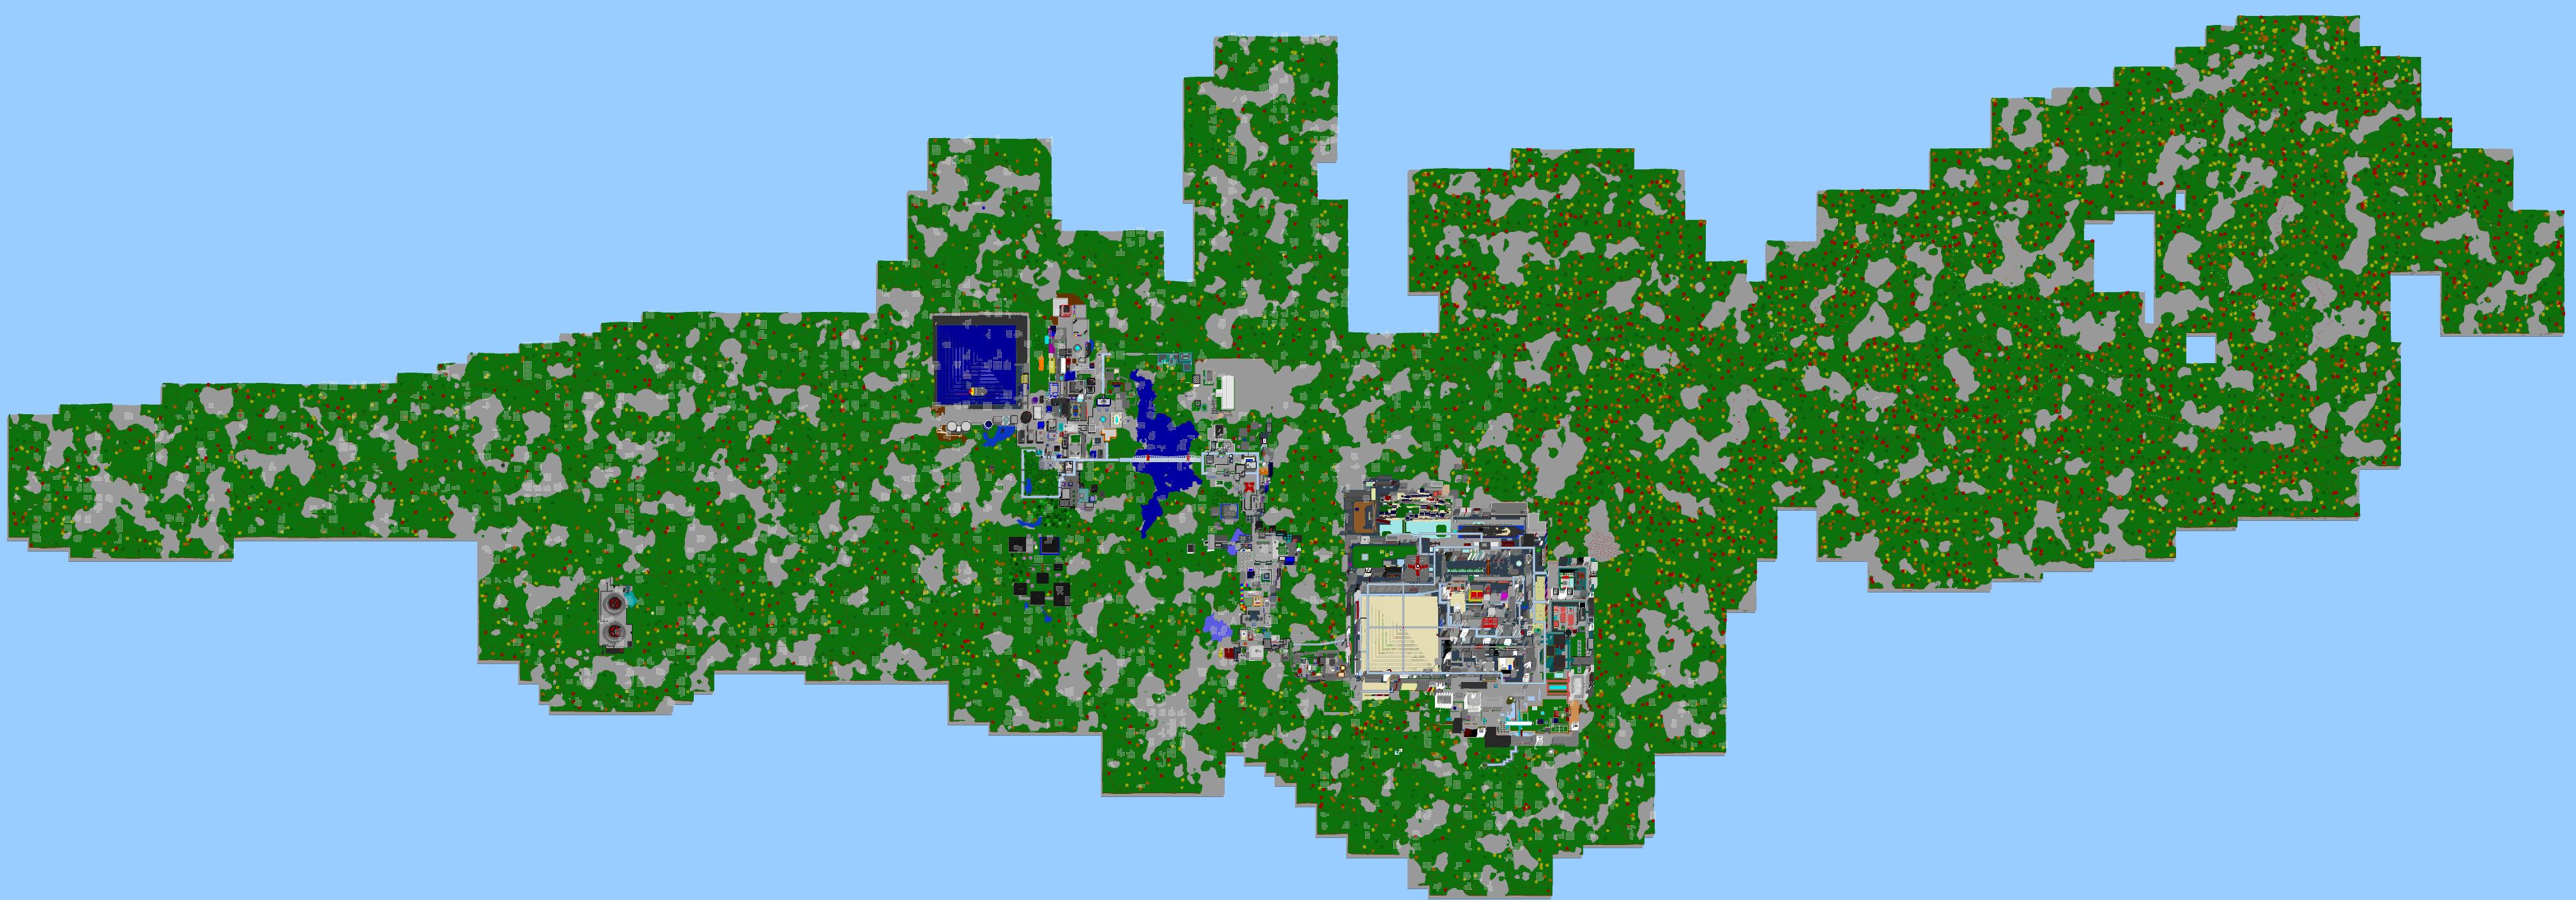 Seijuurou.72416262.00b-20130329